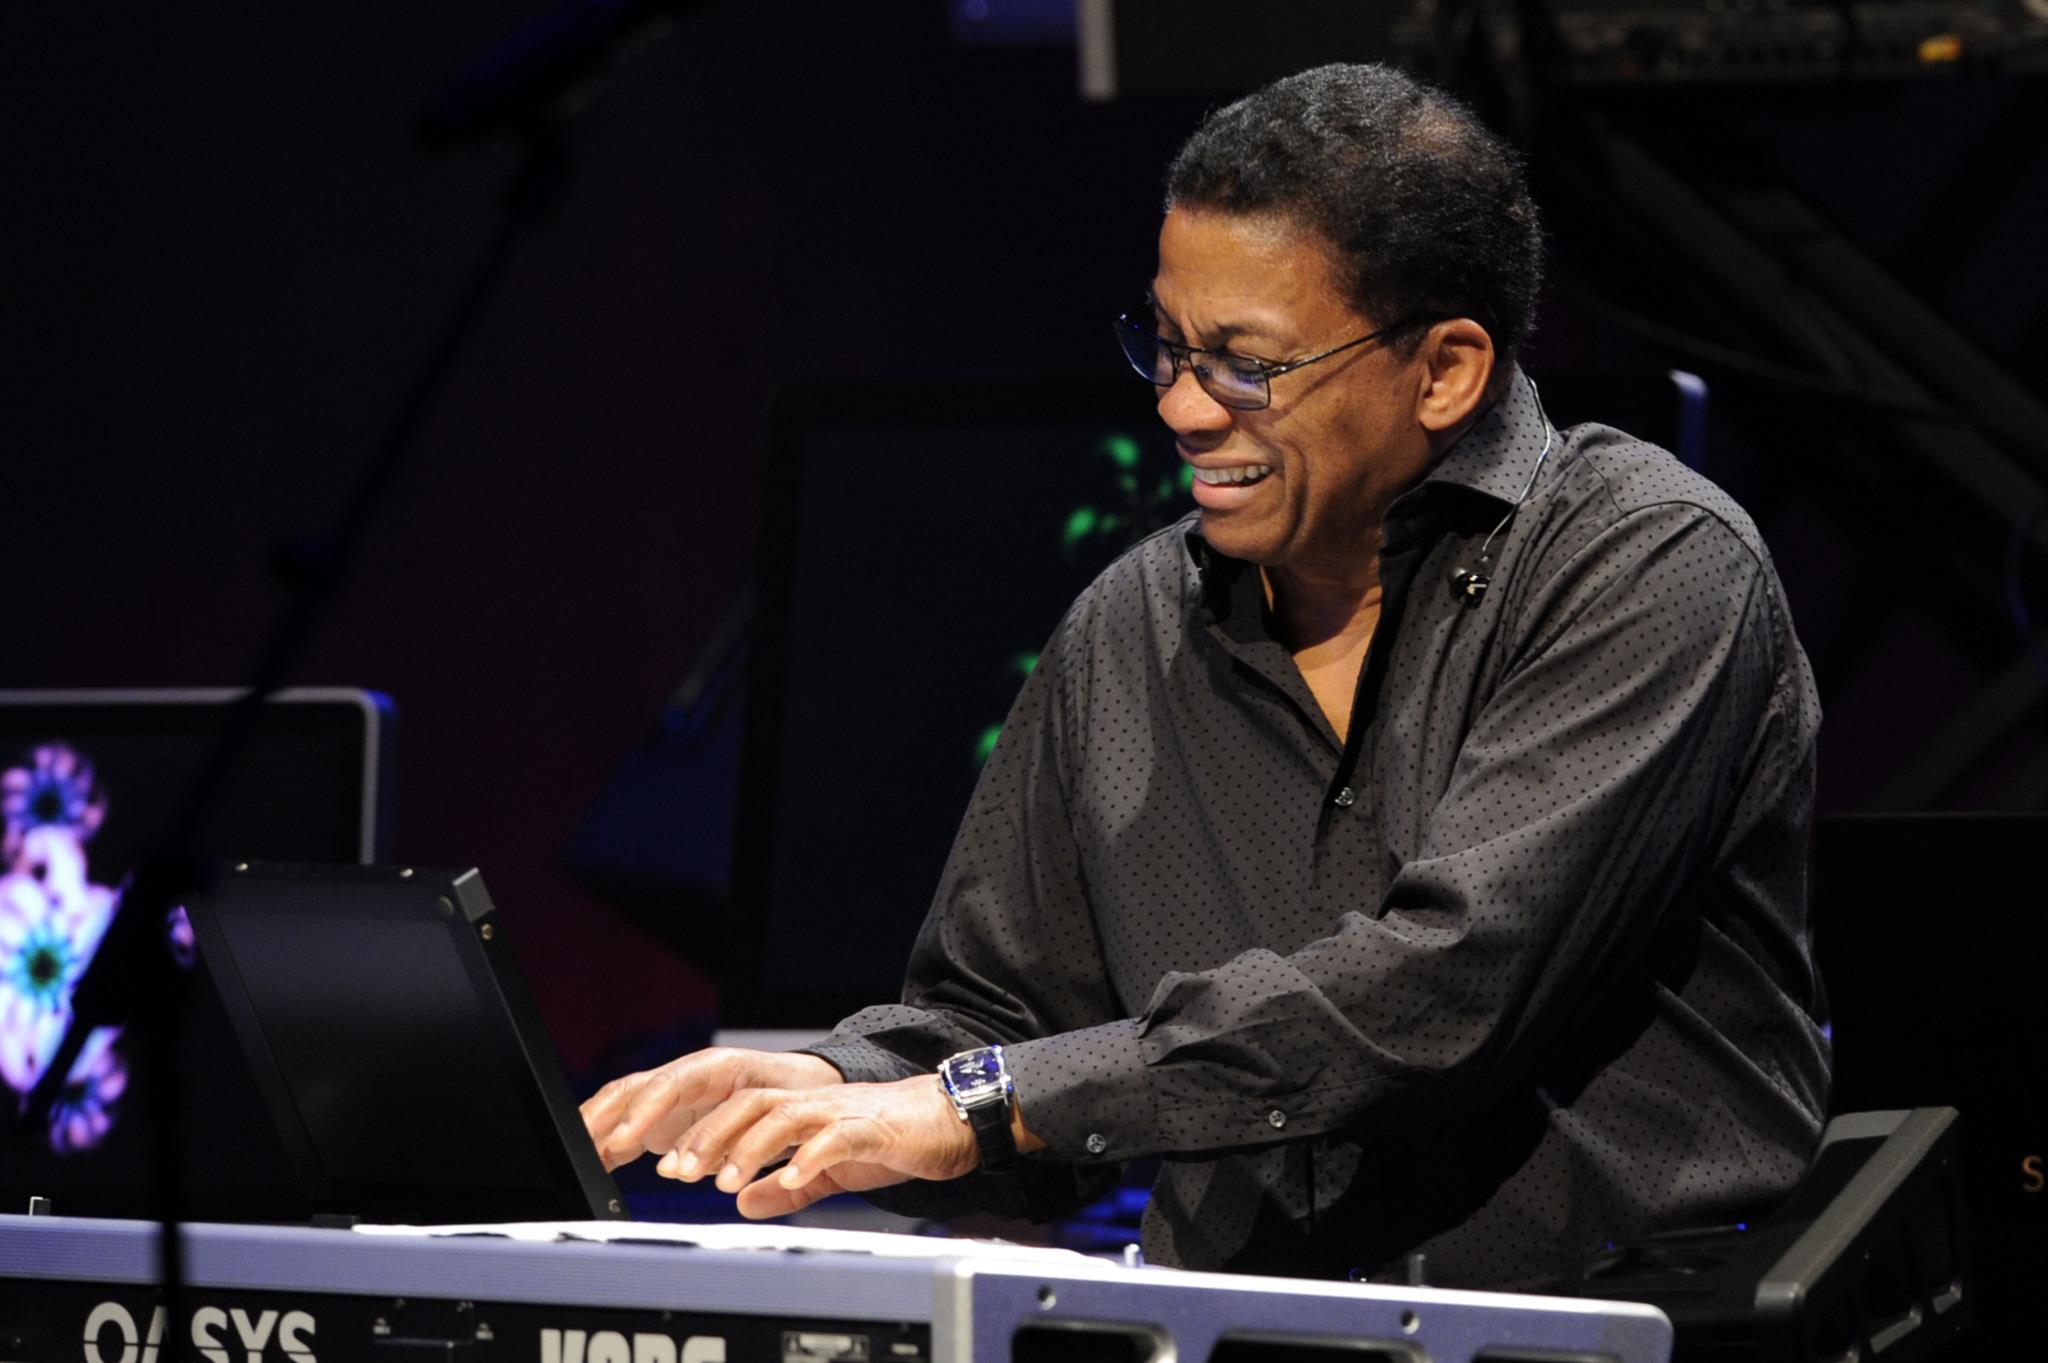 PÚBLICO - Herbie Hancock vem tocar ao festival Mimo